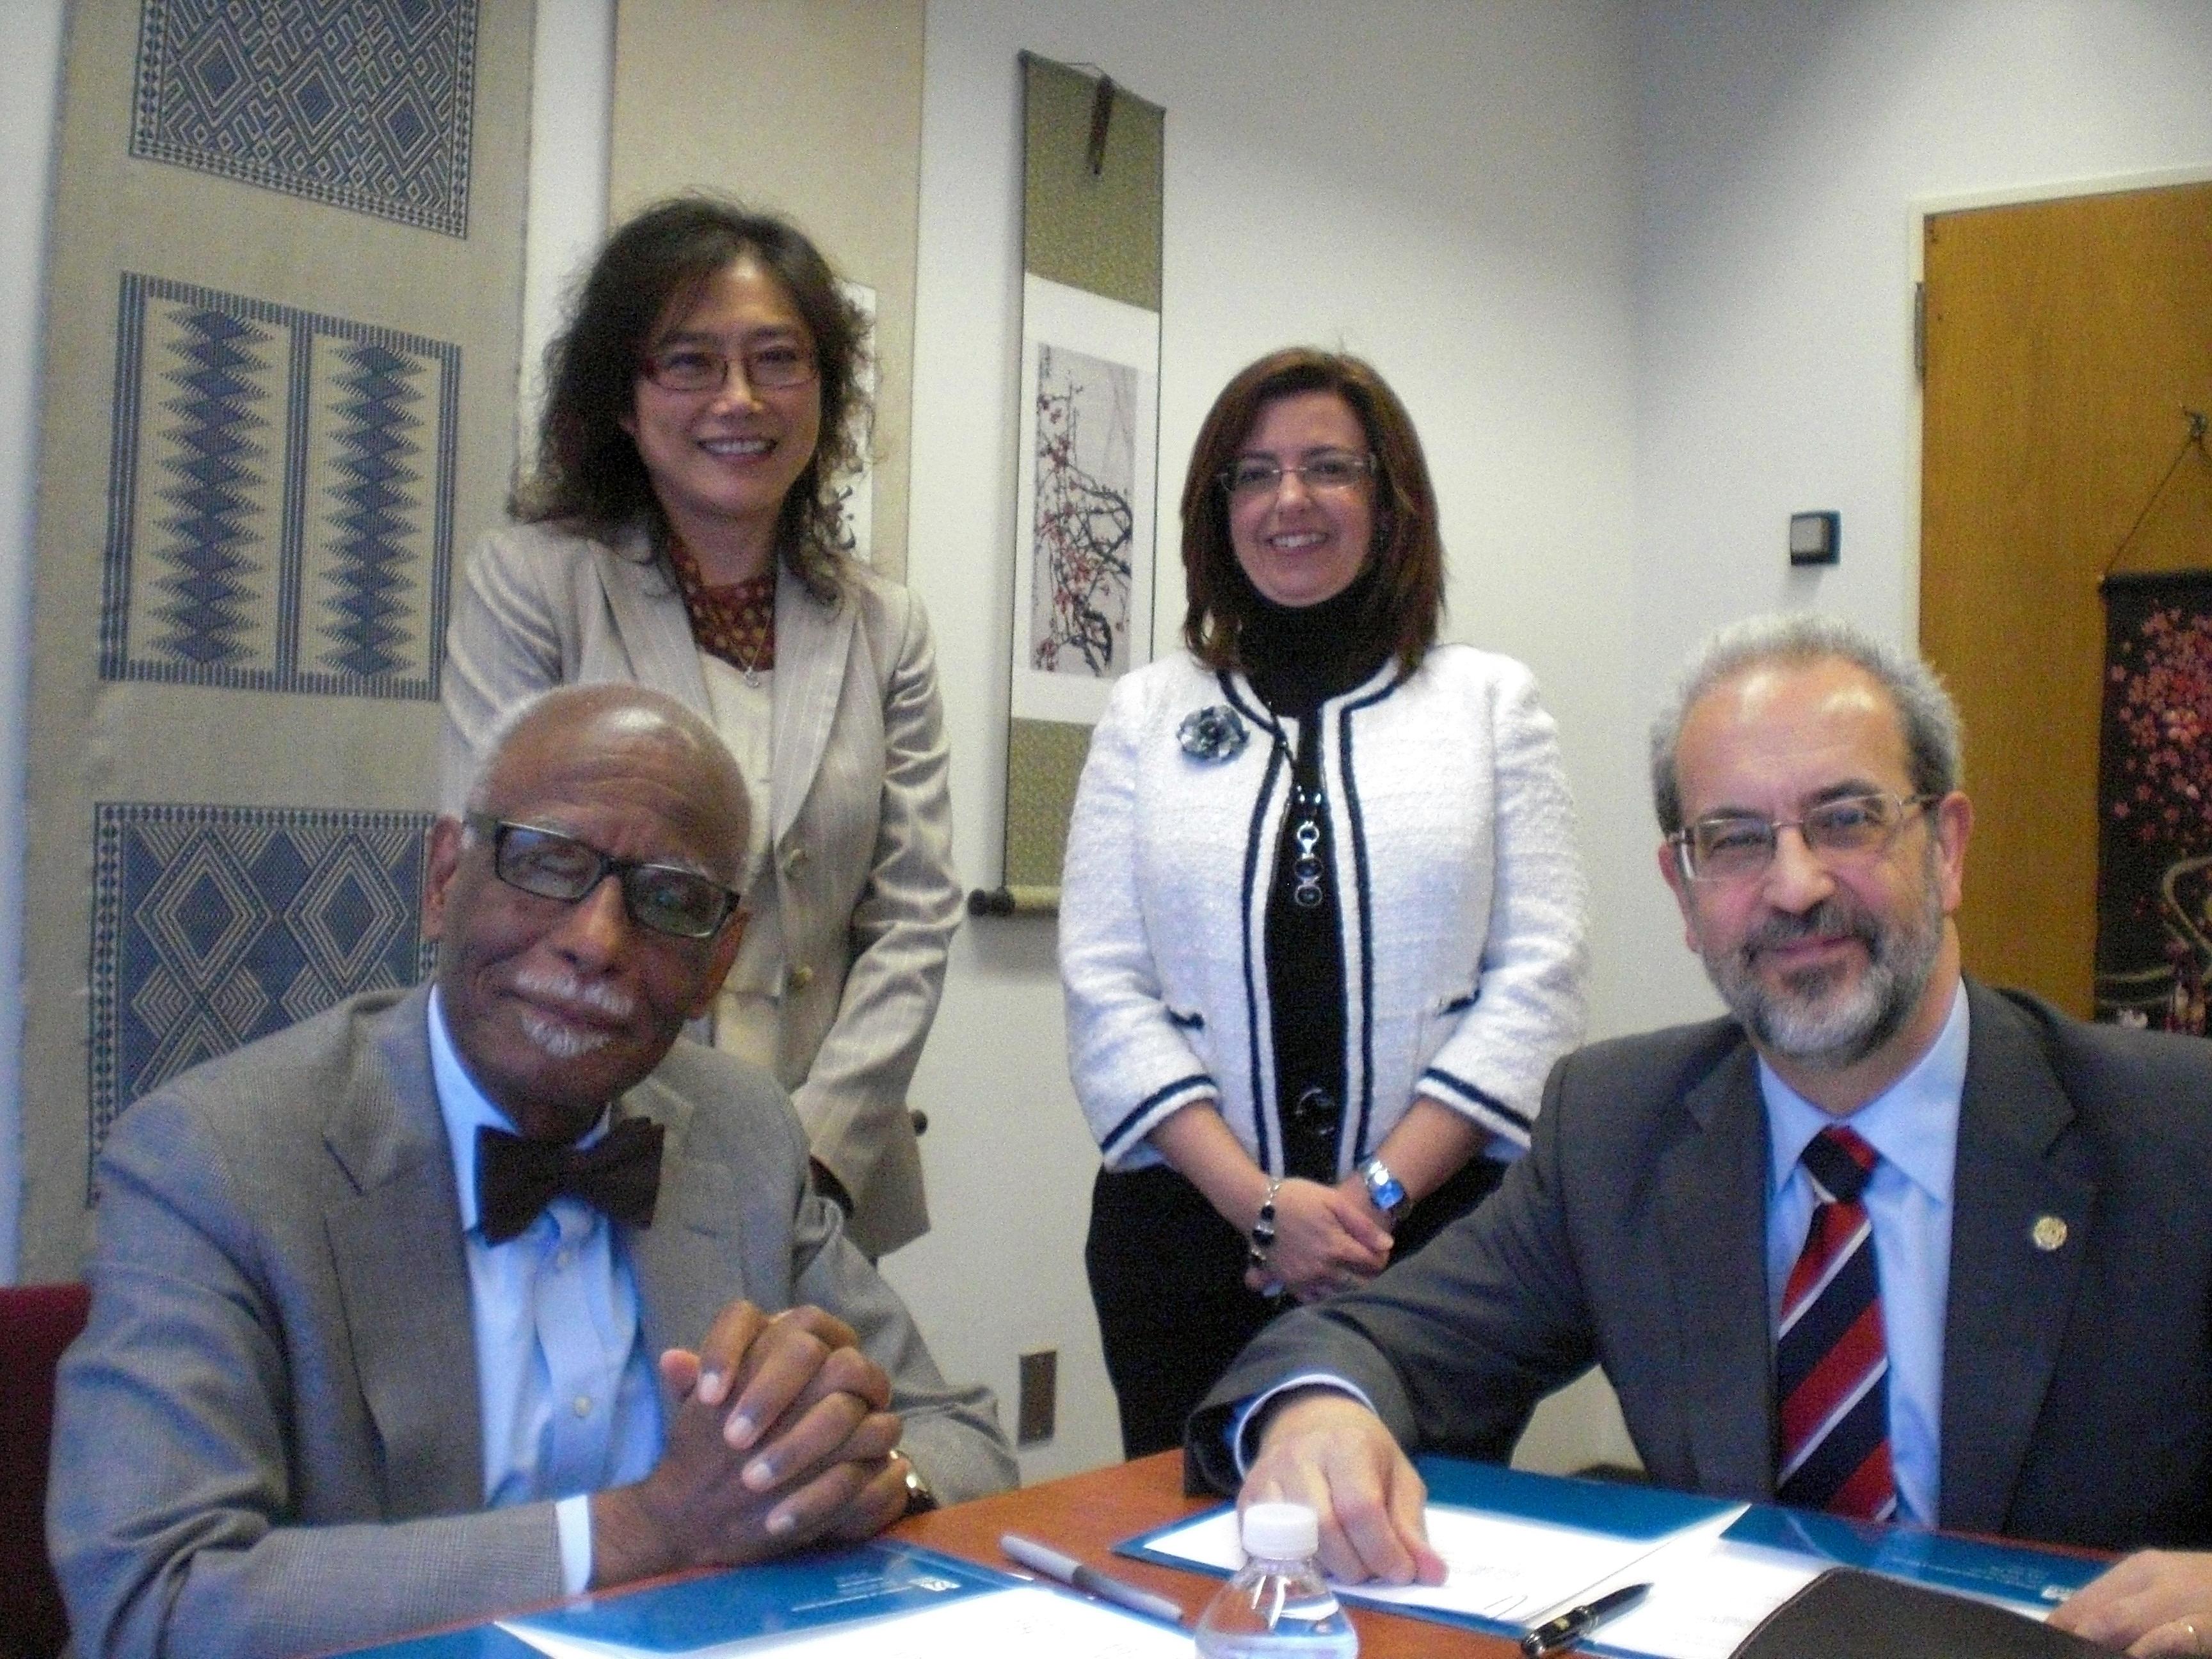 La Universidad de Salamanca impulsa la colaboración internacional con las universidades norteamericanas de Massachusetts y la Universidad Estatal de los Apalaches